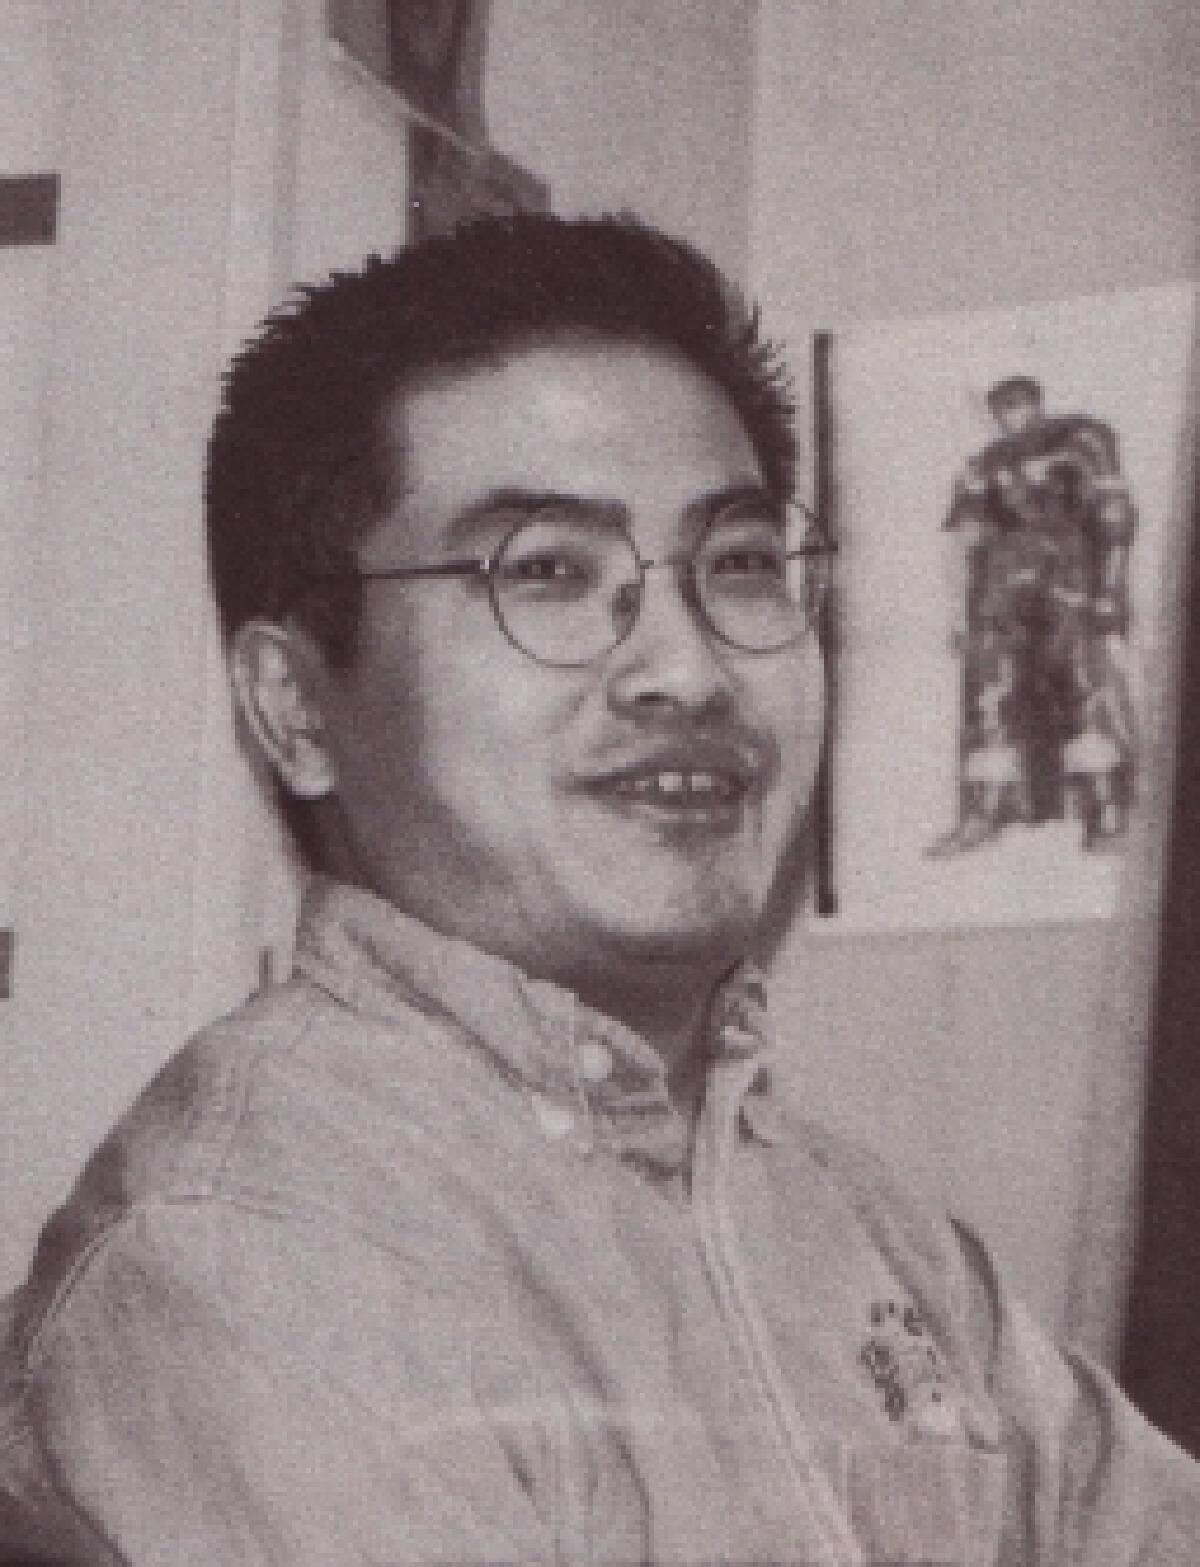 อ.เค็นทาโร่ มิอุระ ผู้เขียน เบอร์เซิร์ก เสียชีวิตแล้ว ด้วยวัย 54 ปี